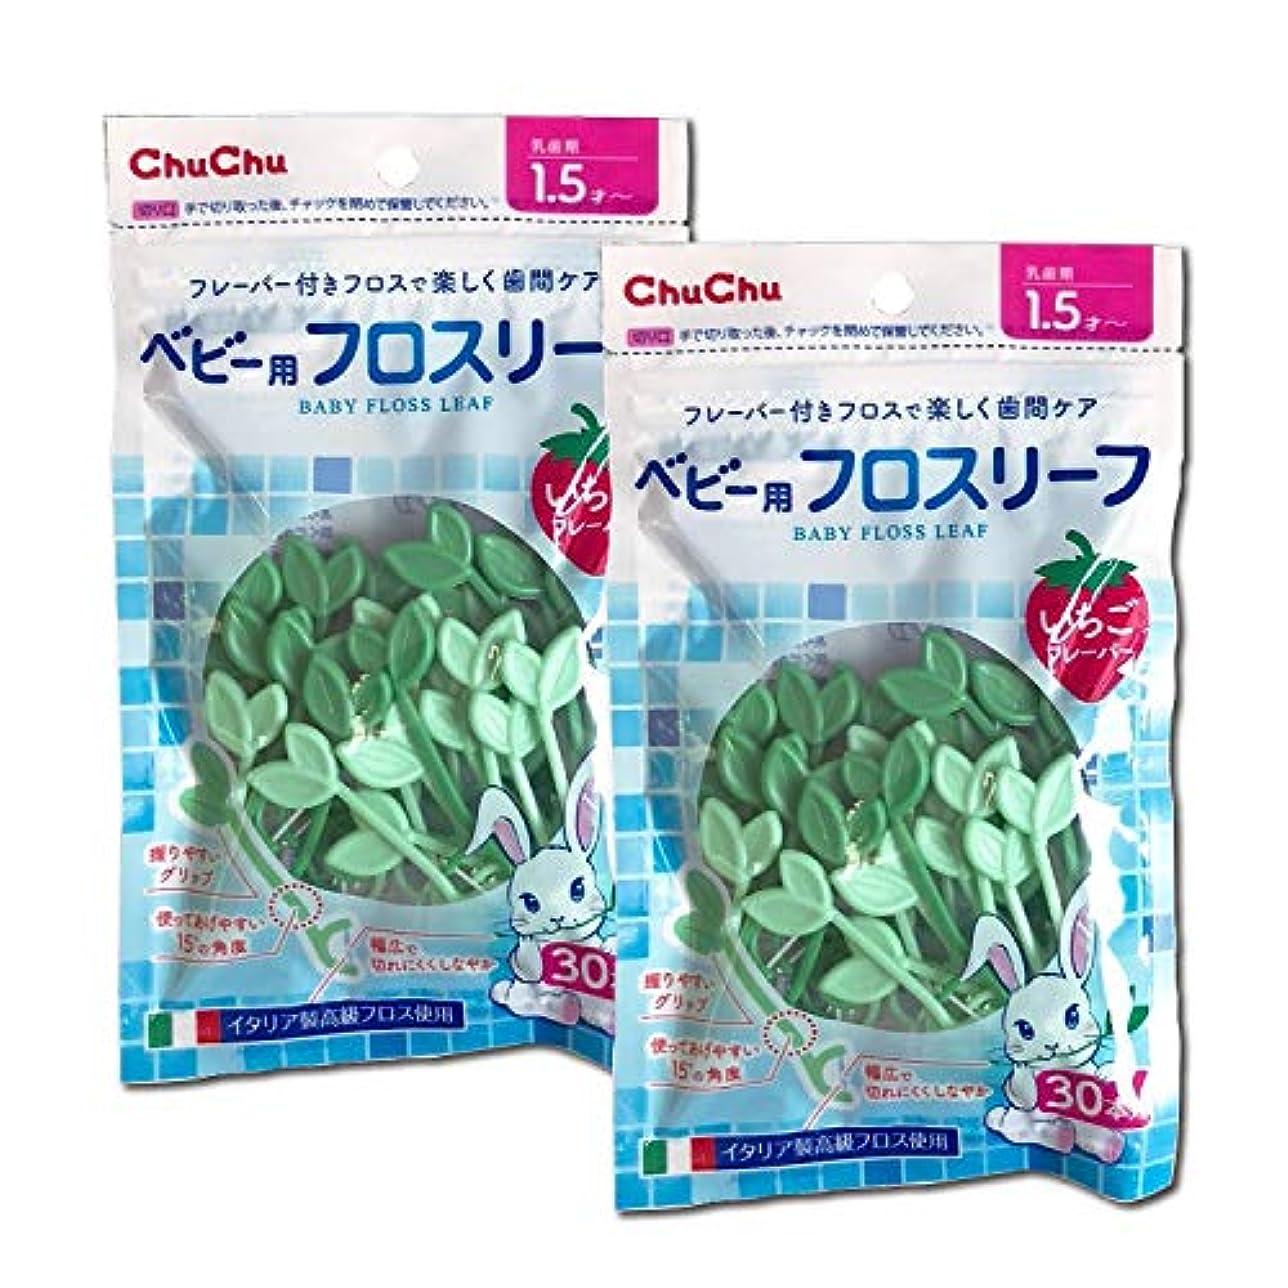 除去後継算術【Amazon.co.jp限定】 チュチュベビー フロスリーフ 2個パック 2個